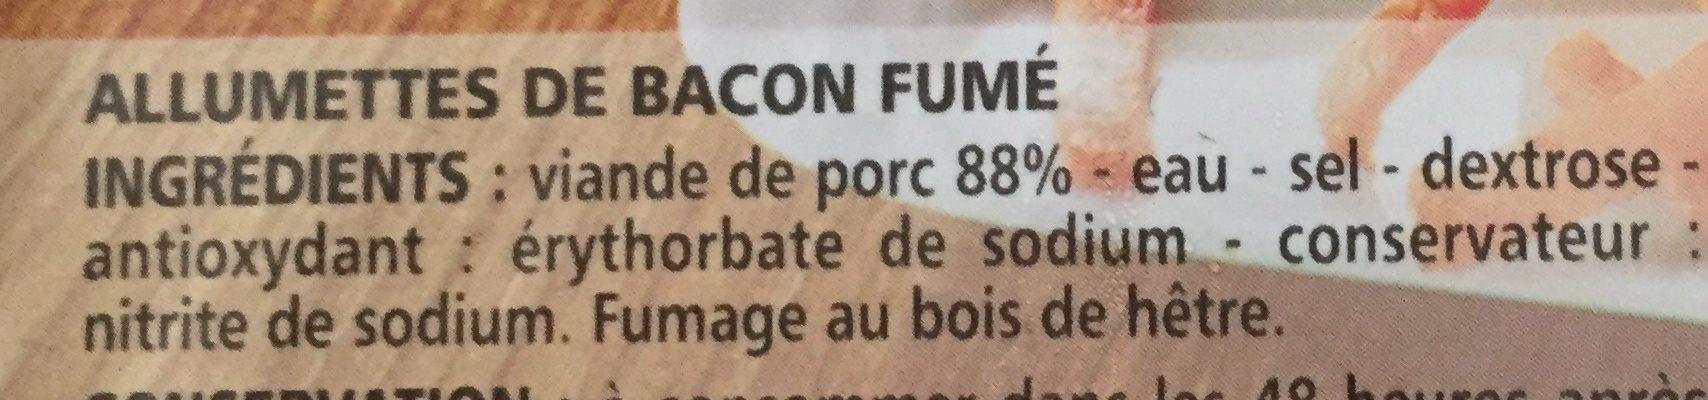 Allumettes de bacon fumé - Ingrediënten